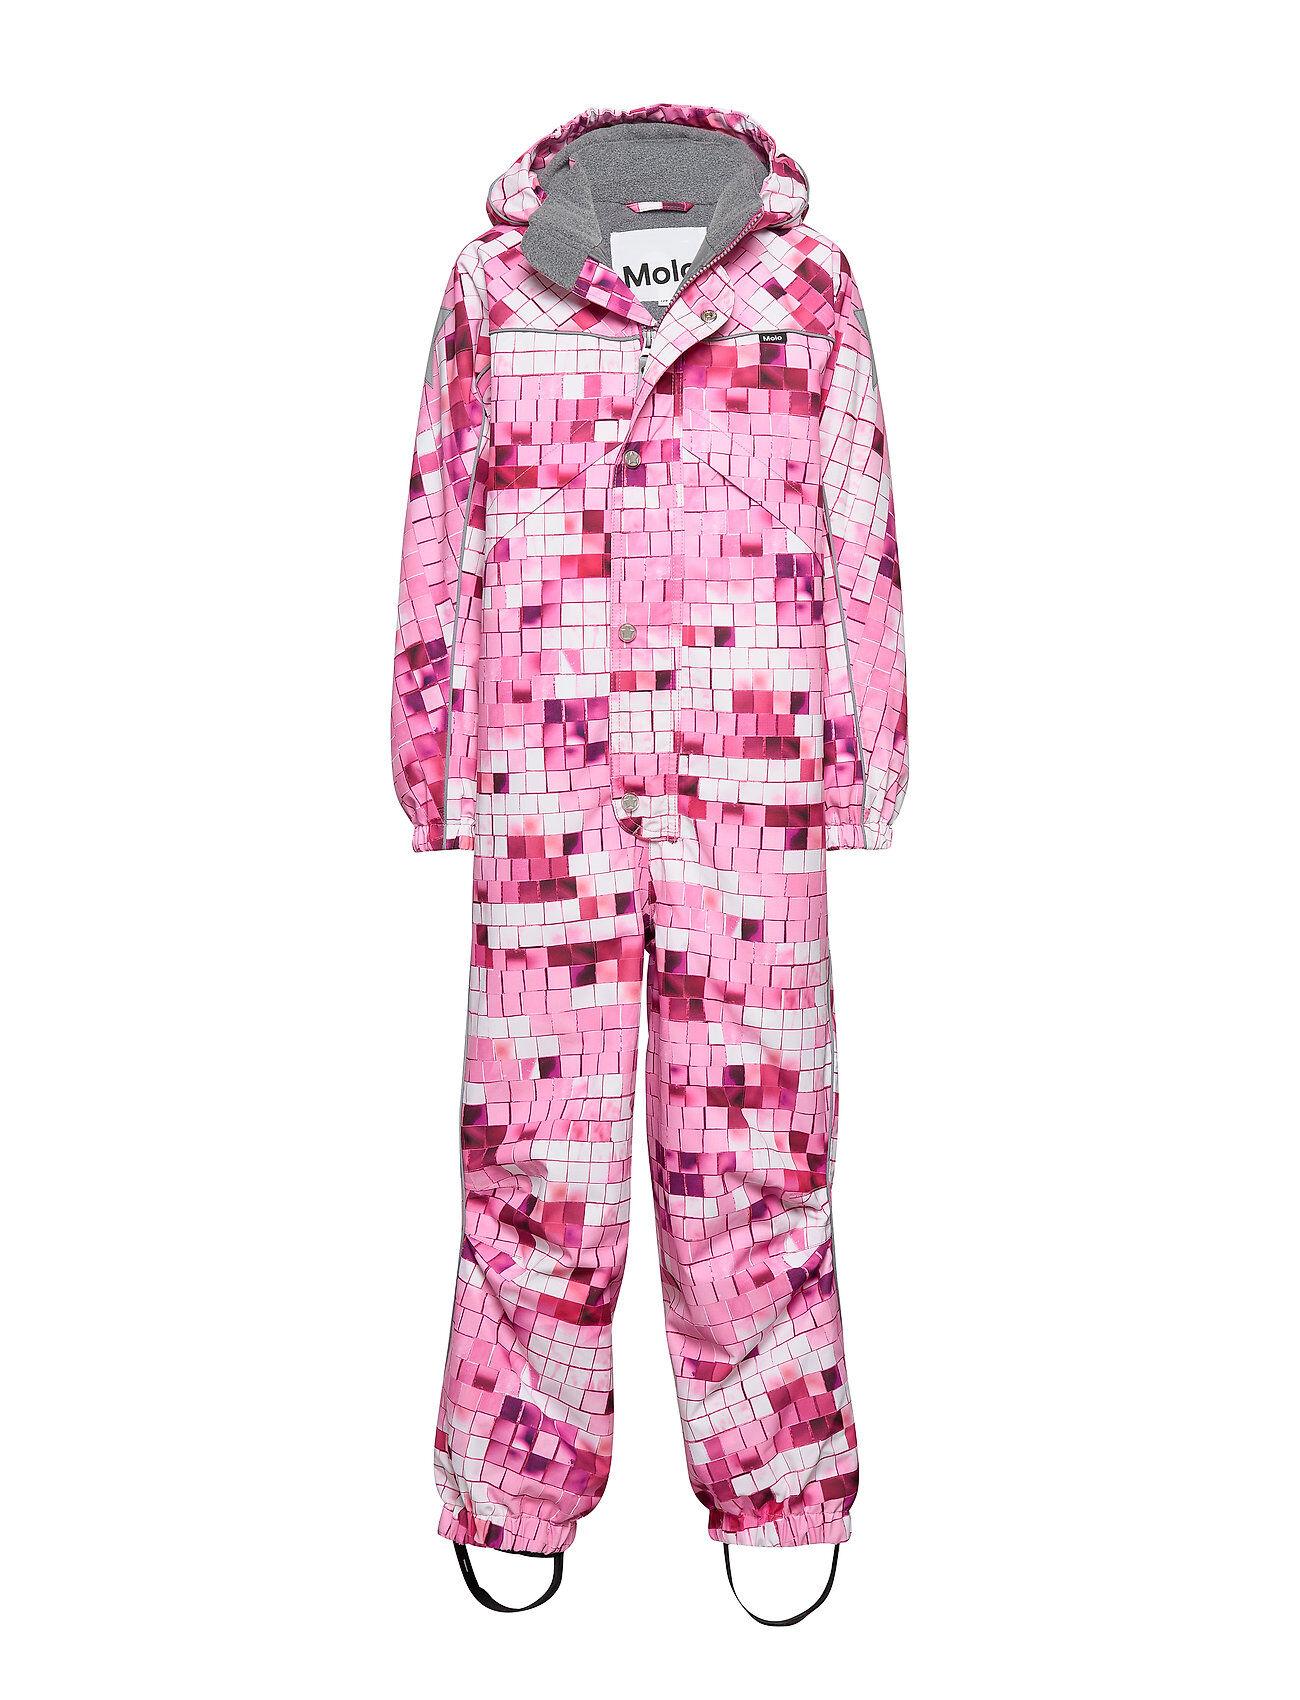 Molo Polaris Outerwear Snow/ski Clothing Snow/ski Suits & Sets Vaaleanpunainen Molo